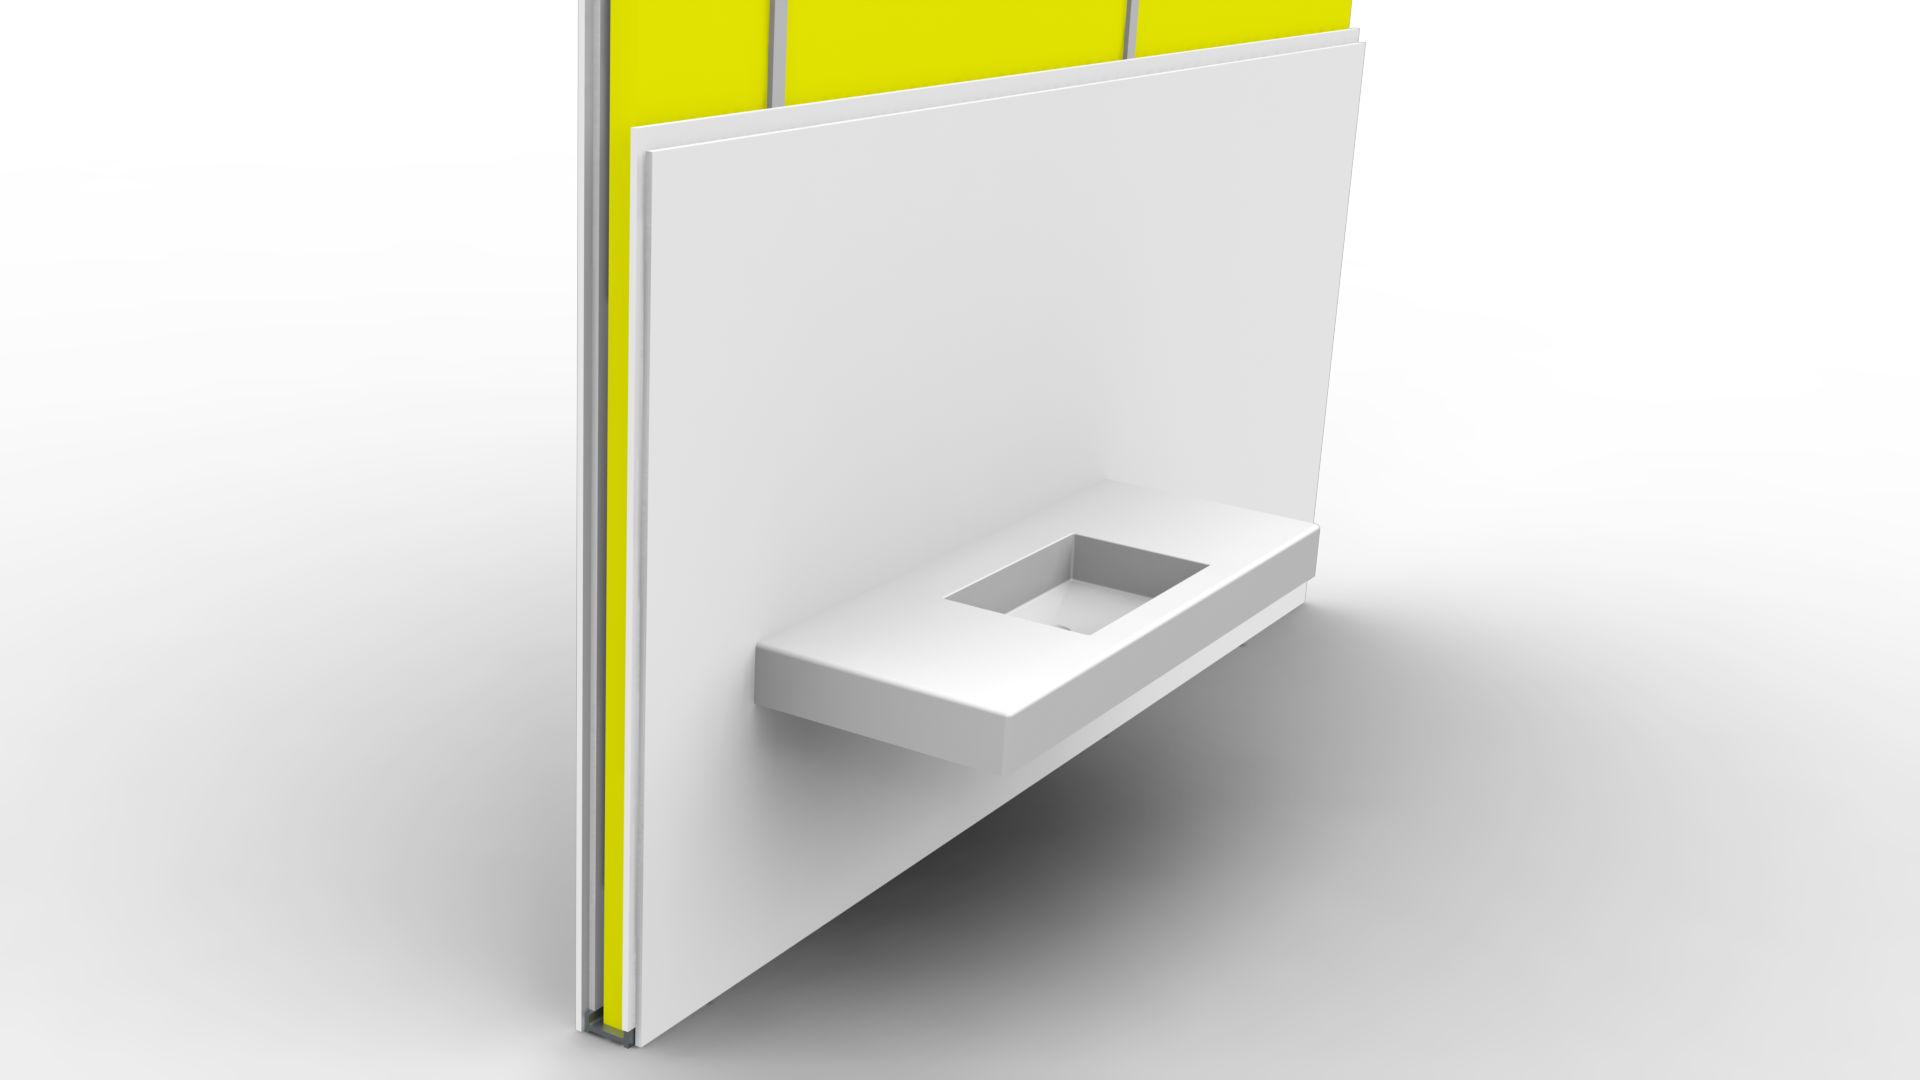 Beépített mosdópult maanodo® TECH konzol használatával egyszerű